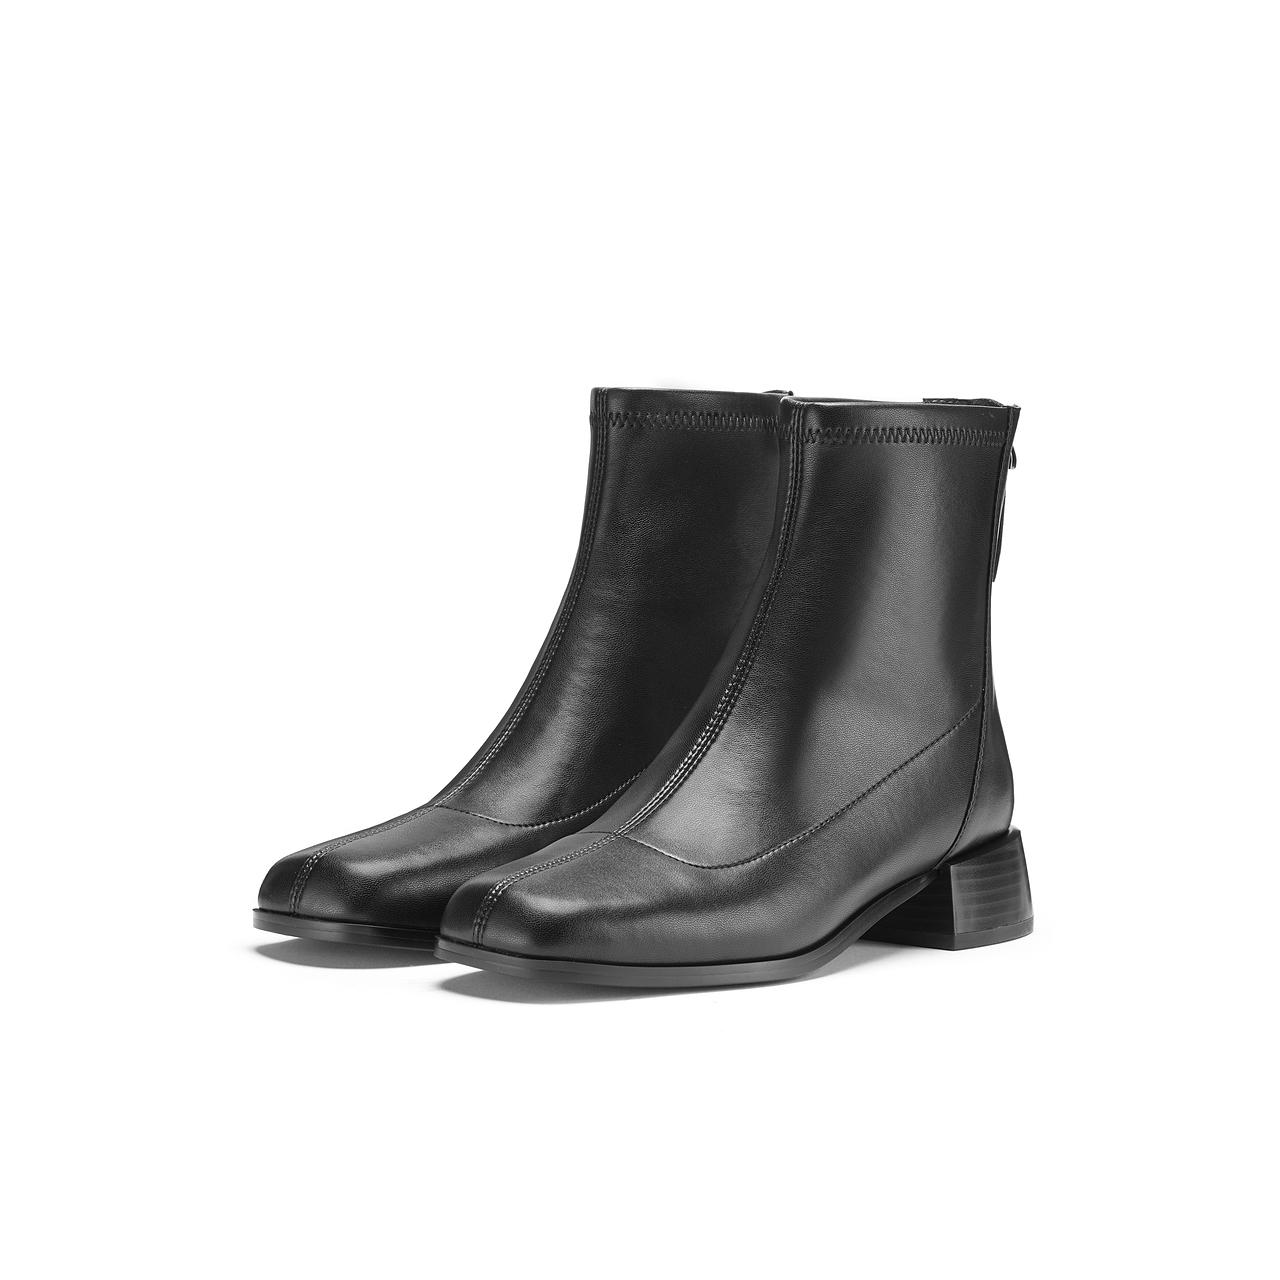 新款女靴中跟短靴 2020 千百度女鞋简约气质时装靴 姐推荐 K 预售